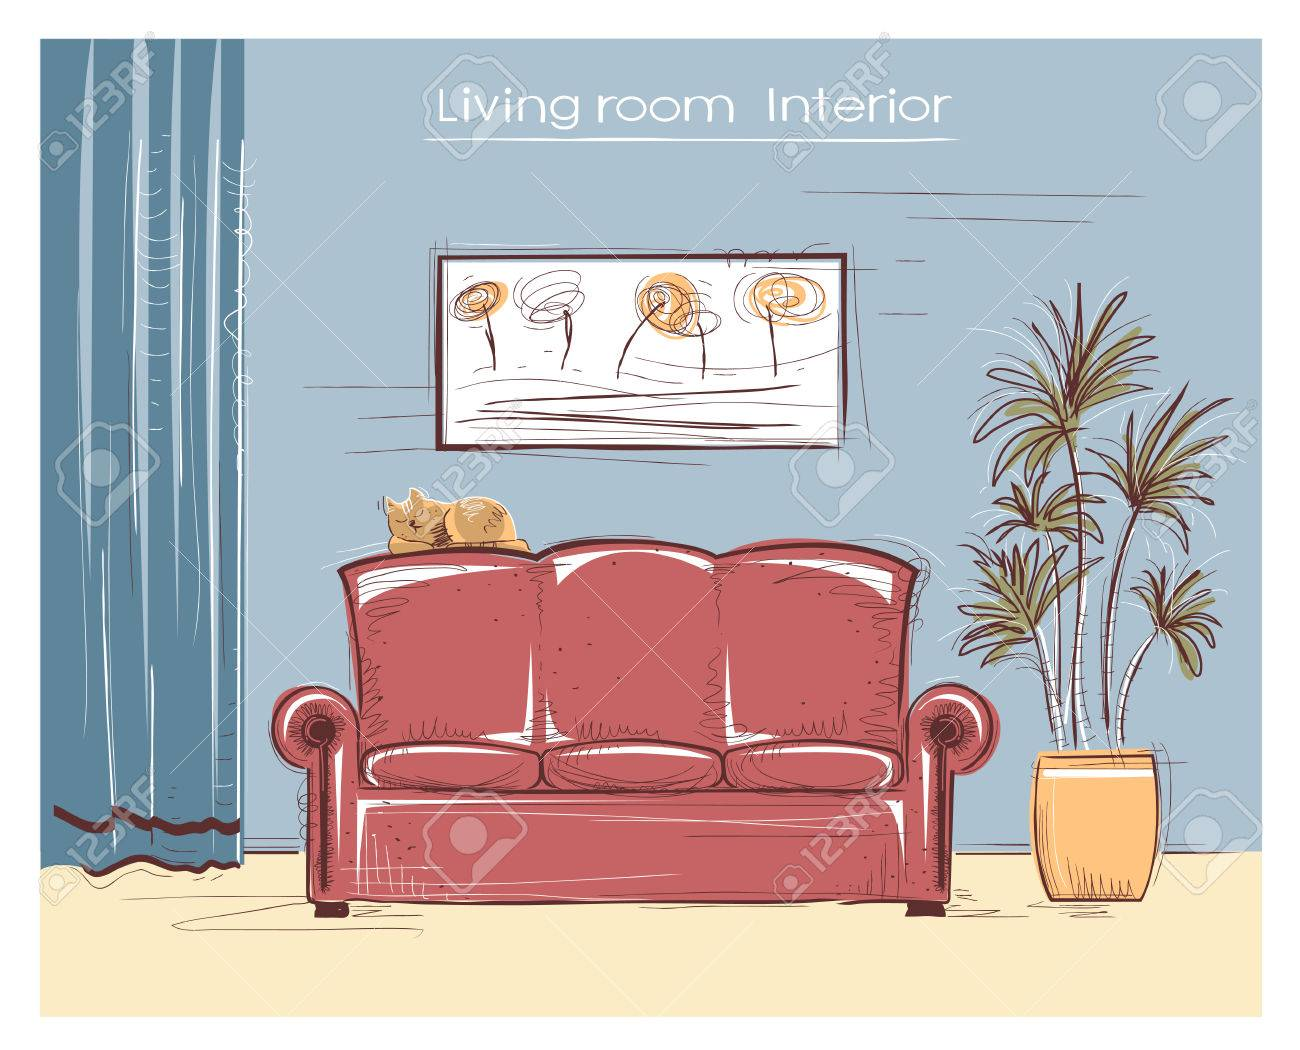 Couleur Sommaire Illustration Intérieur Du Salon Dessin Maison Moderne Avec Un Chat Main